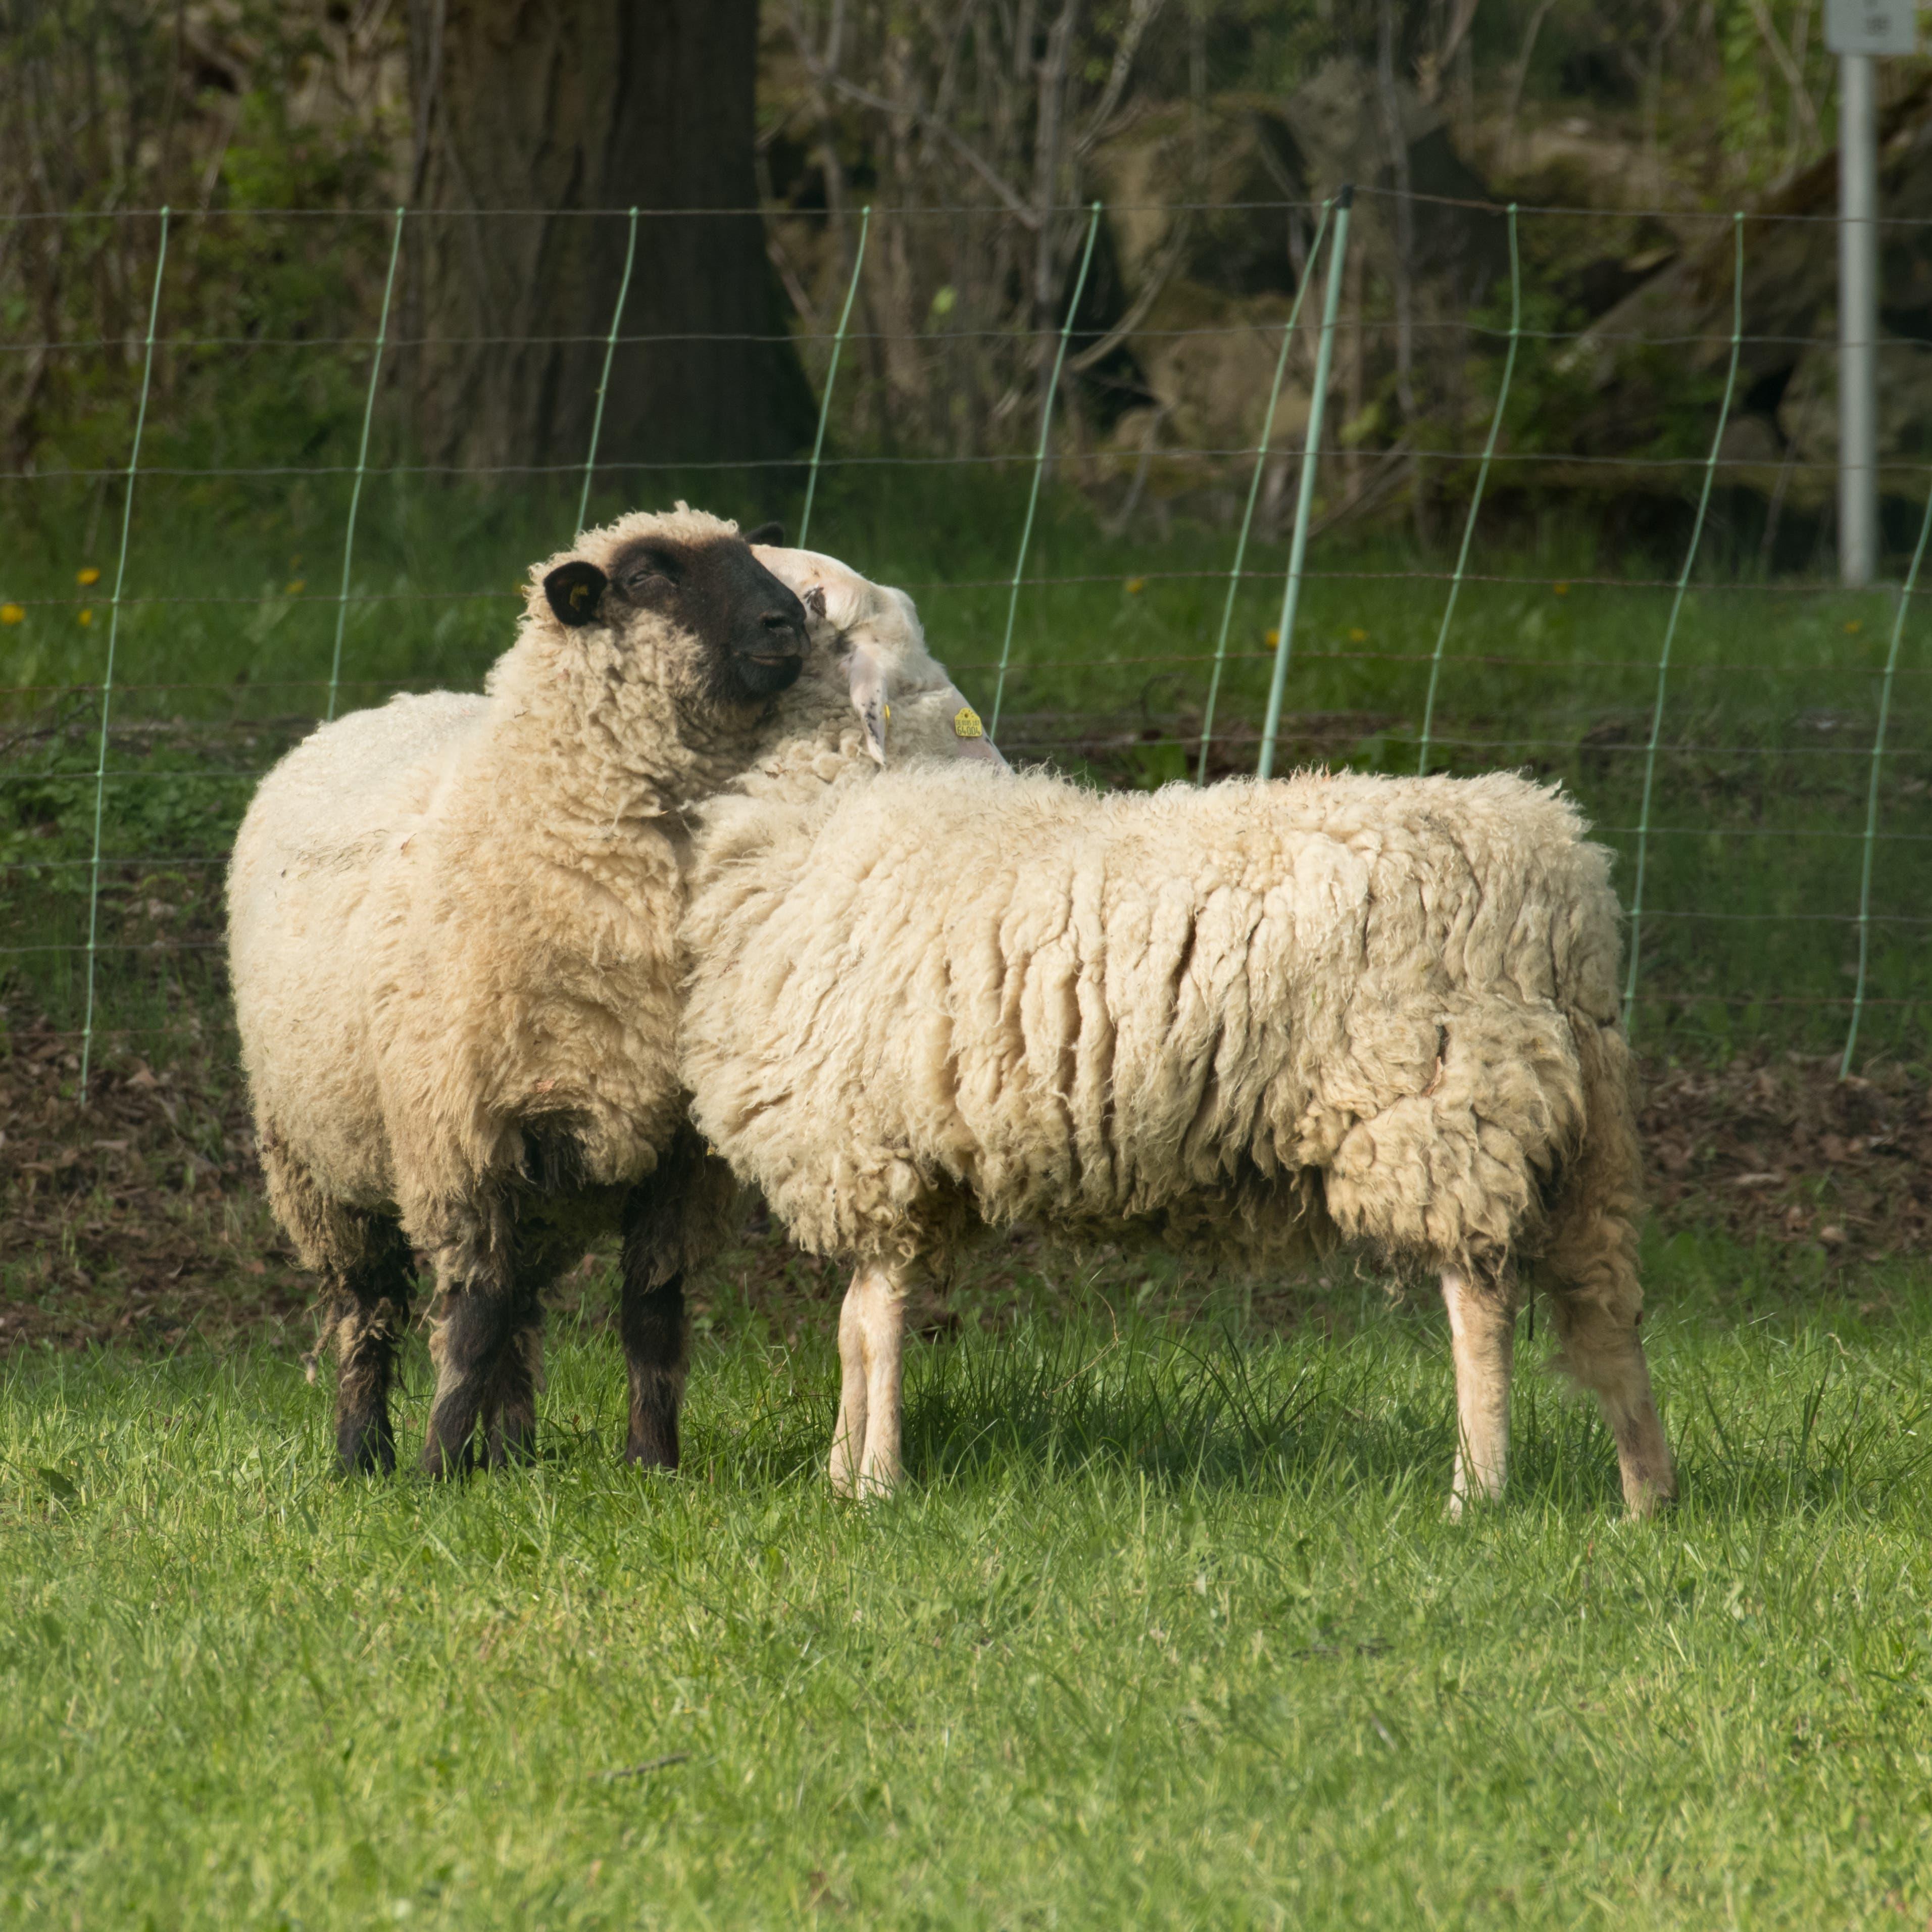 Bei Schafen zeigen sowohl Weibchen als auch Männchen sexuelles Interesse am gleichen Geschlecht.